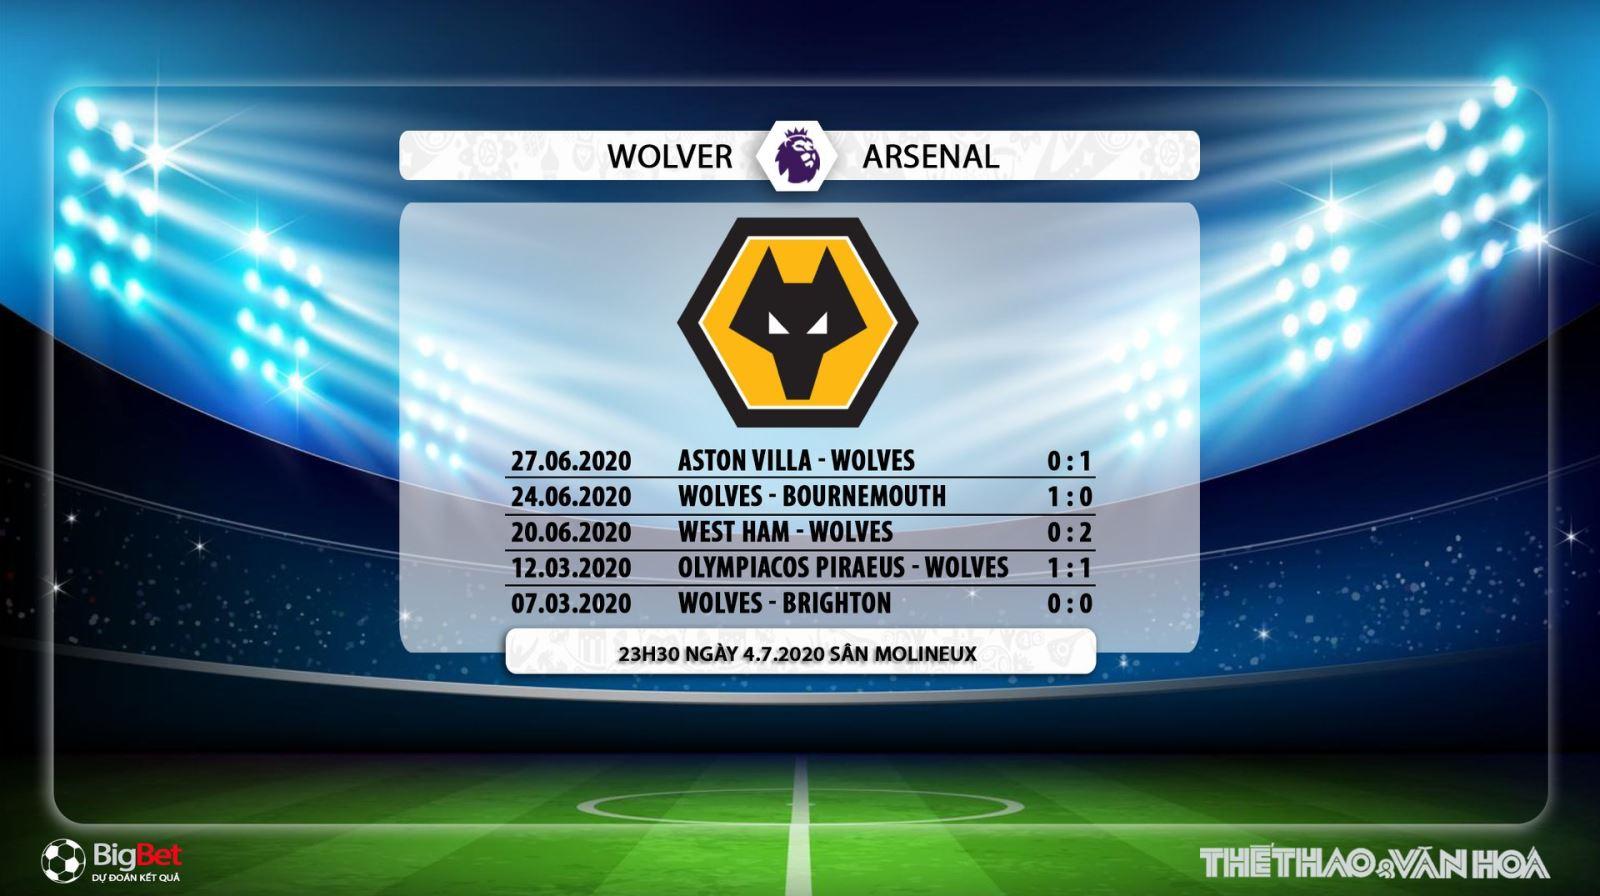 Wolvesvs Arsenal, trực tiếp bóng đá, trực tiếp Wolvesvs Arsenal, Arsenal, Wolves, lịch thi đấu bóng đá, bóng đá, soi kèo, kèo bóng đá